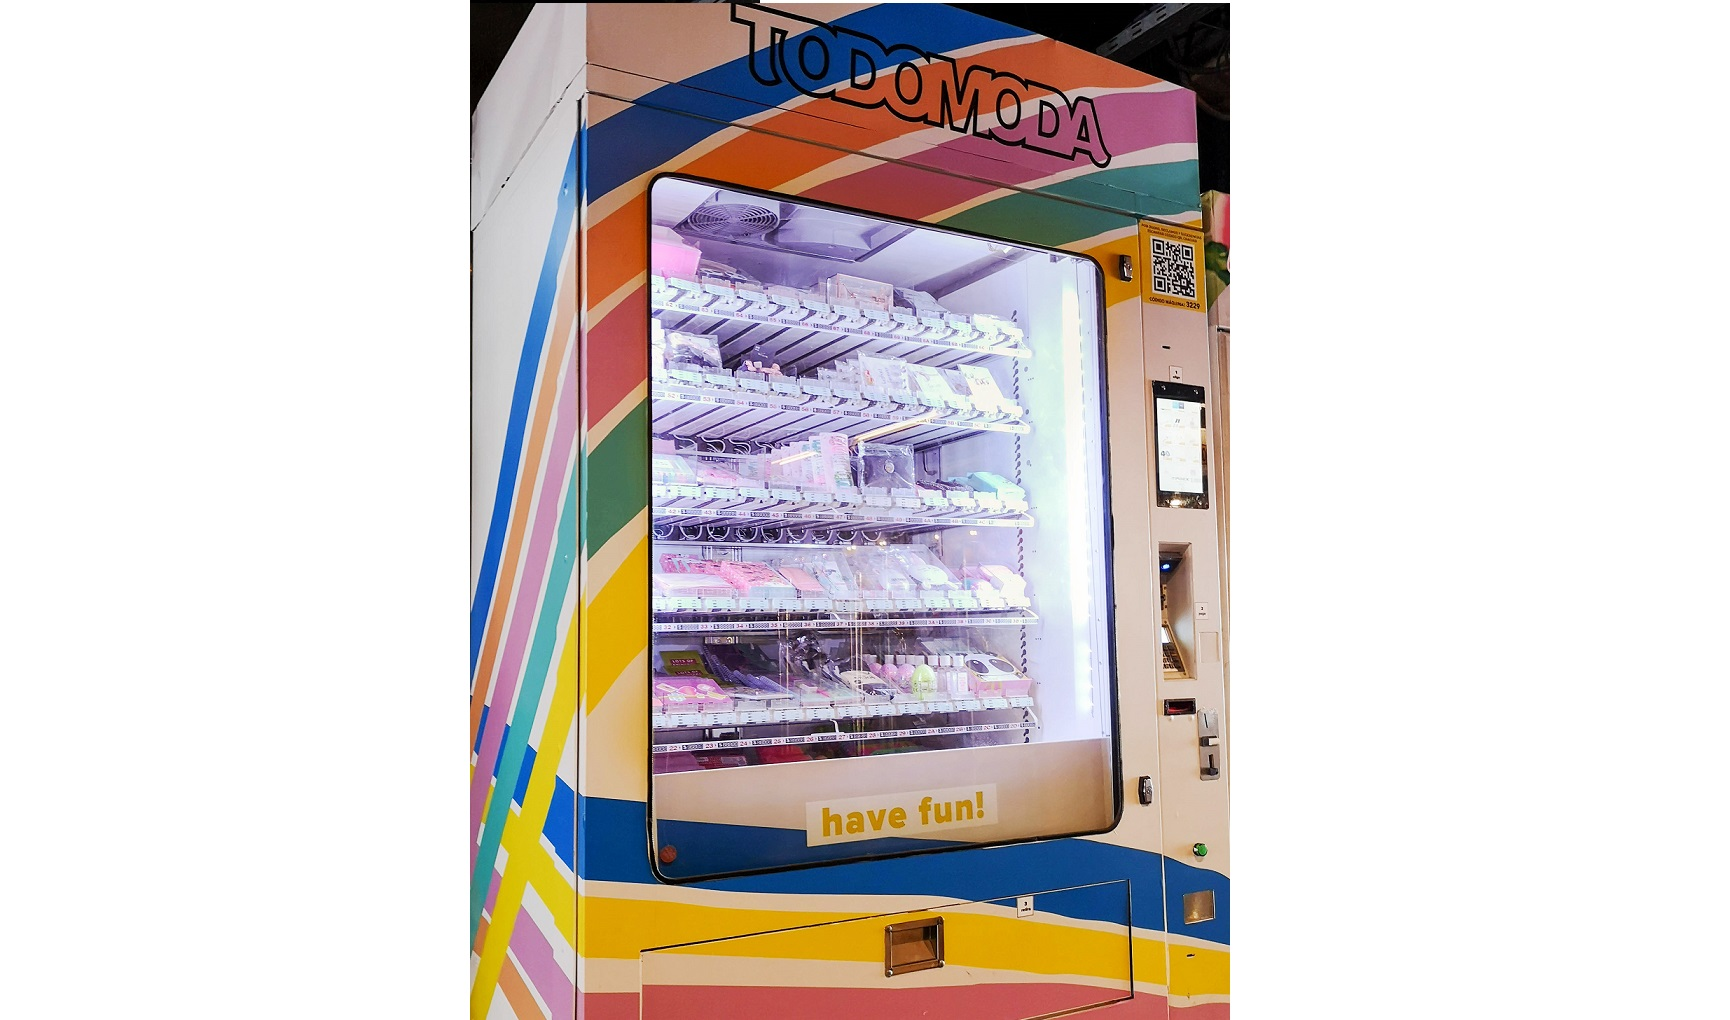 Máquinas-vending-todomoda